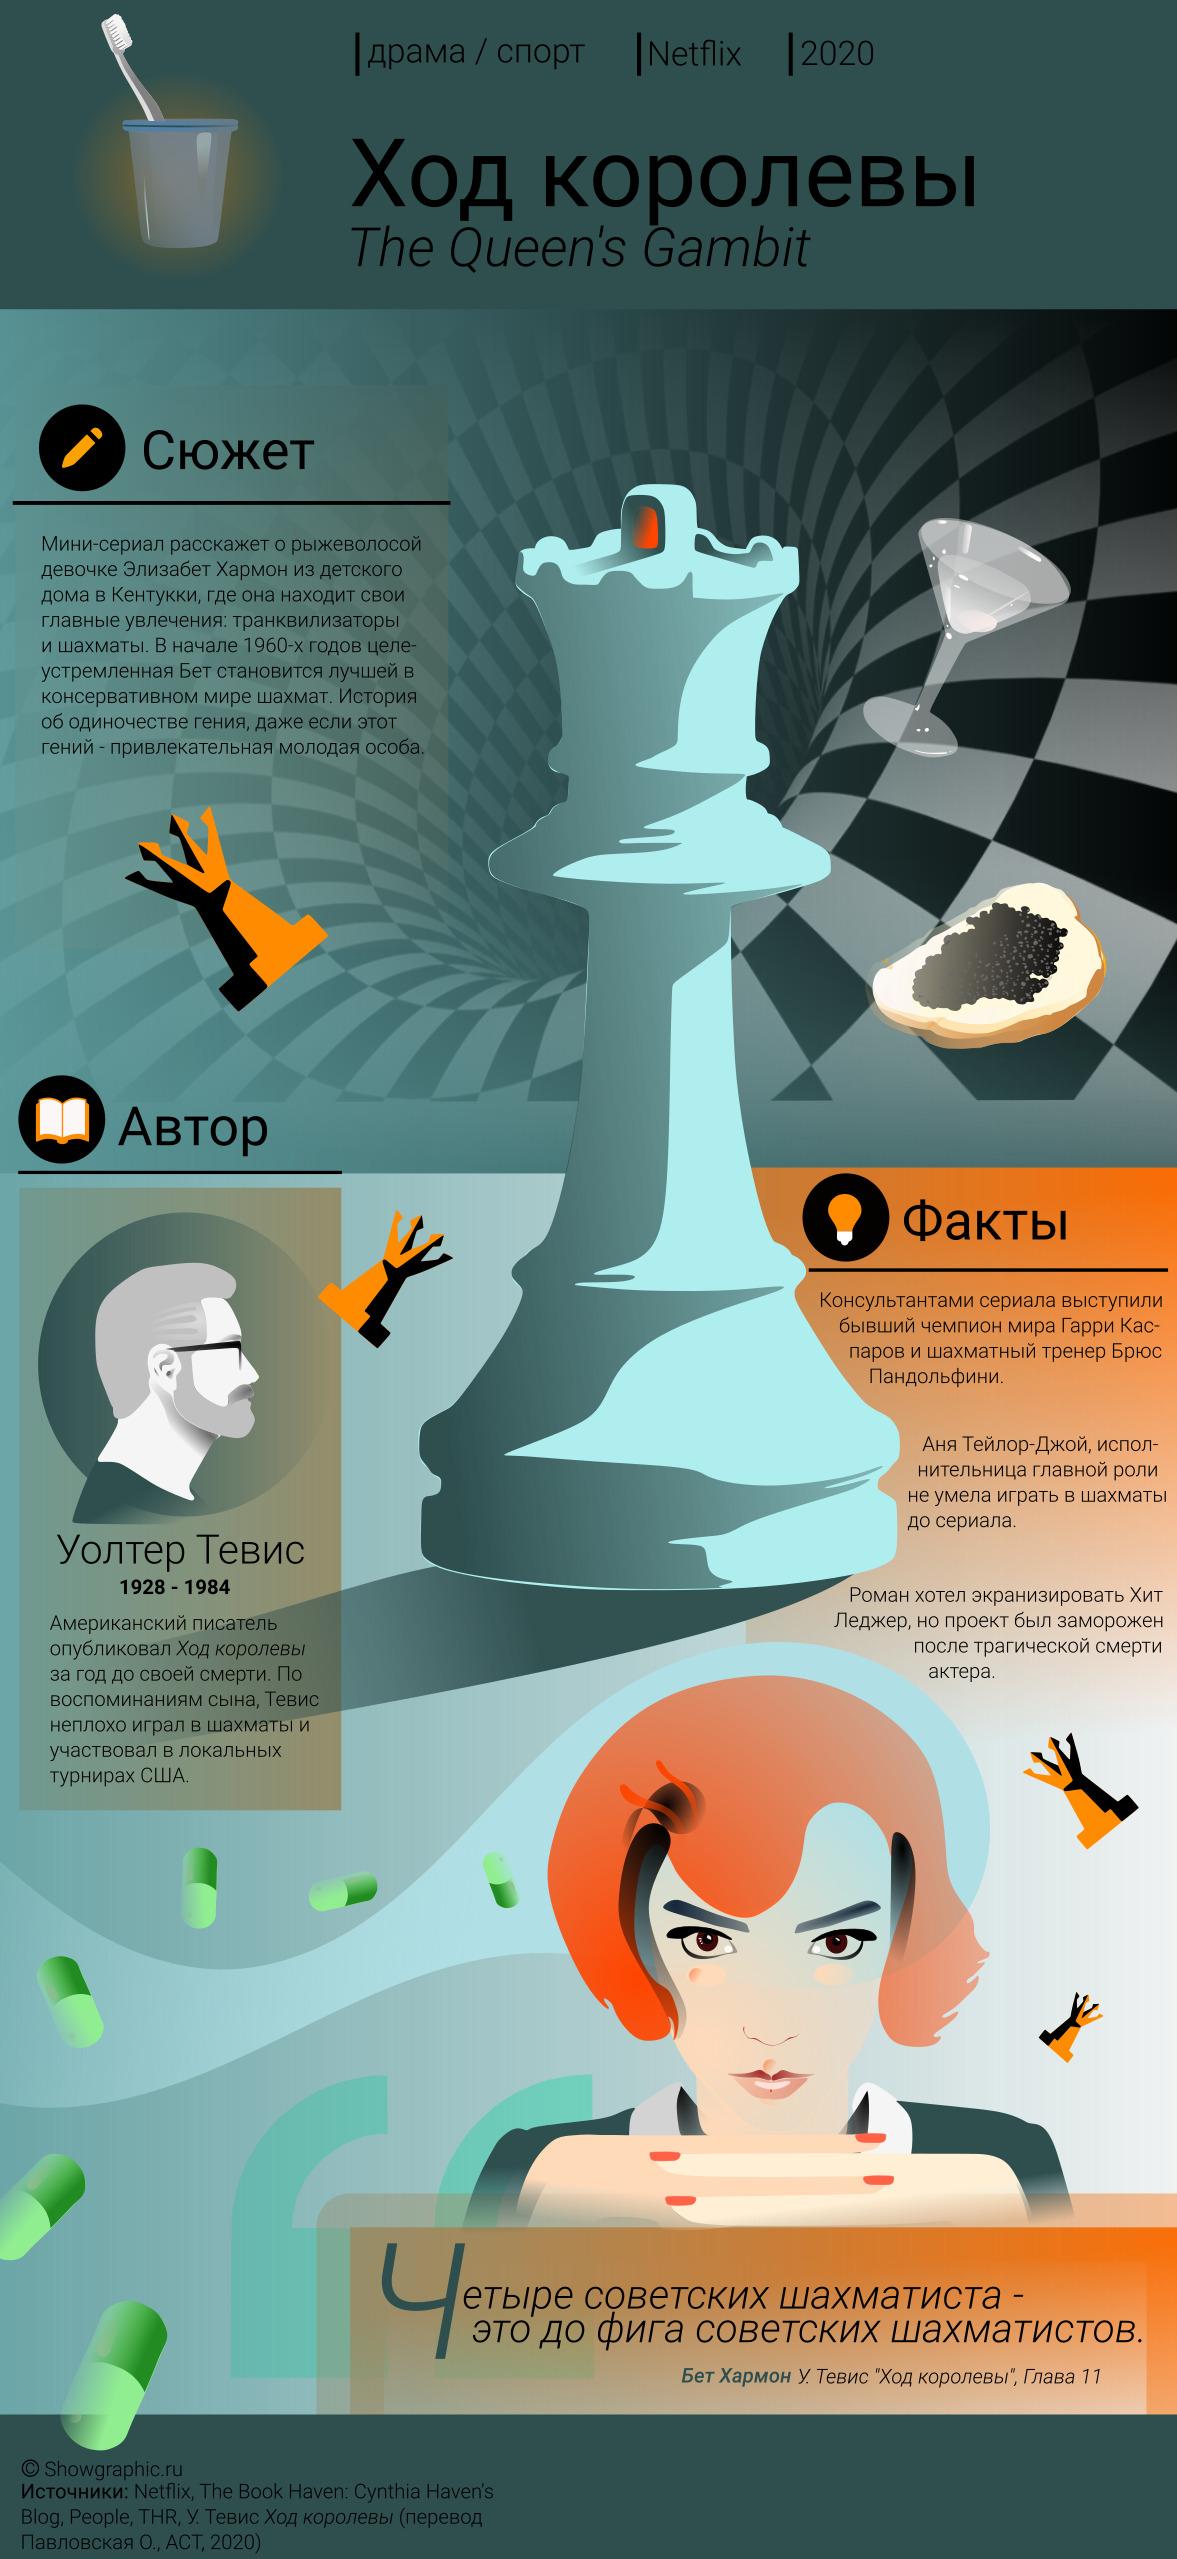 ход королевы инфографика